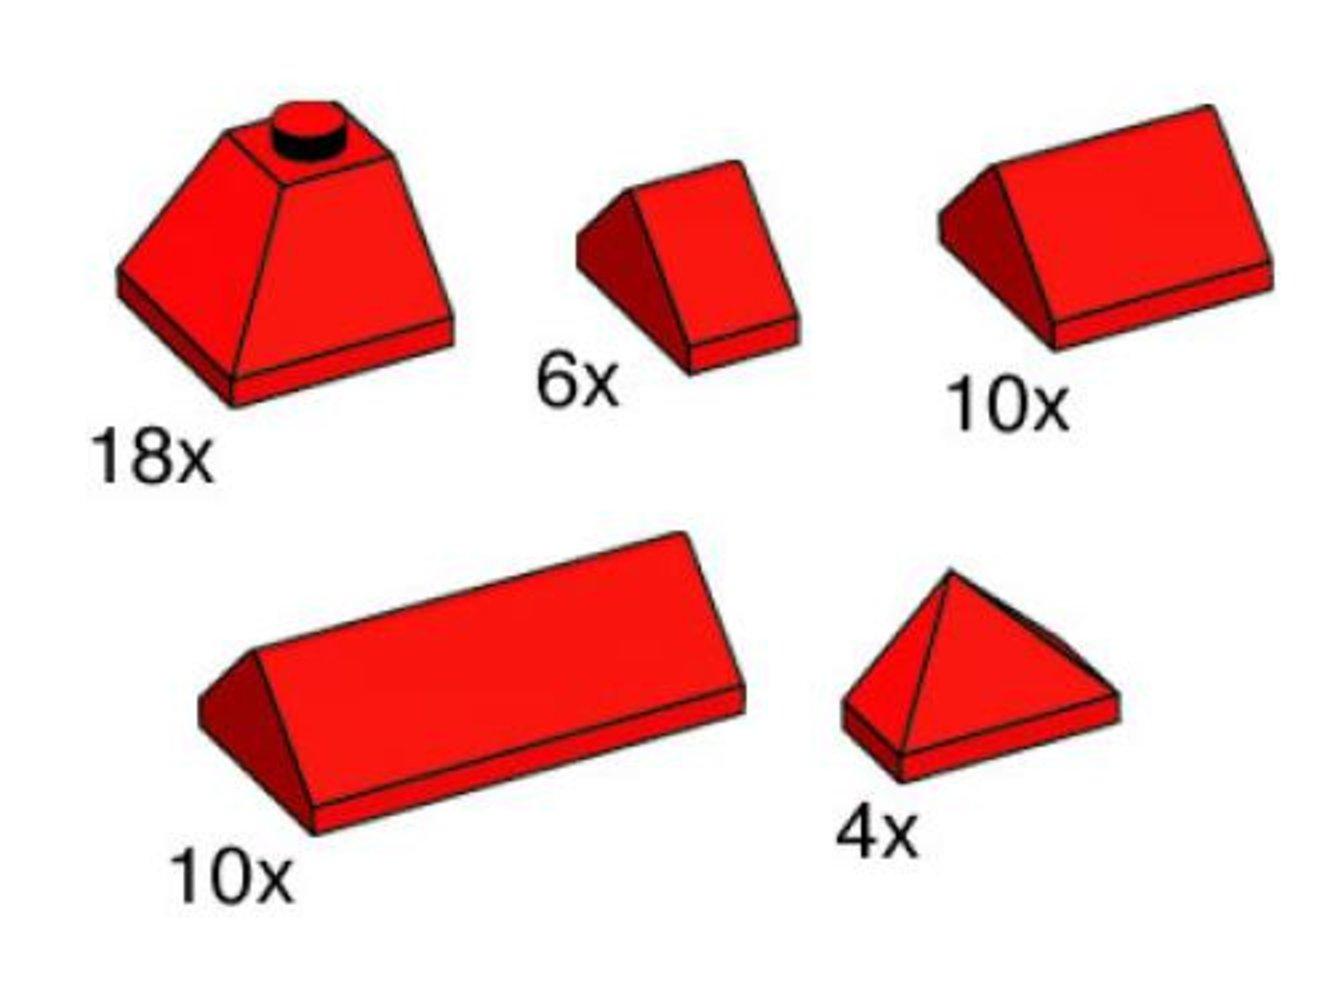 Red Ridge Tiles